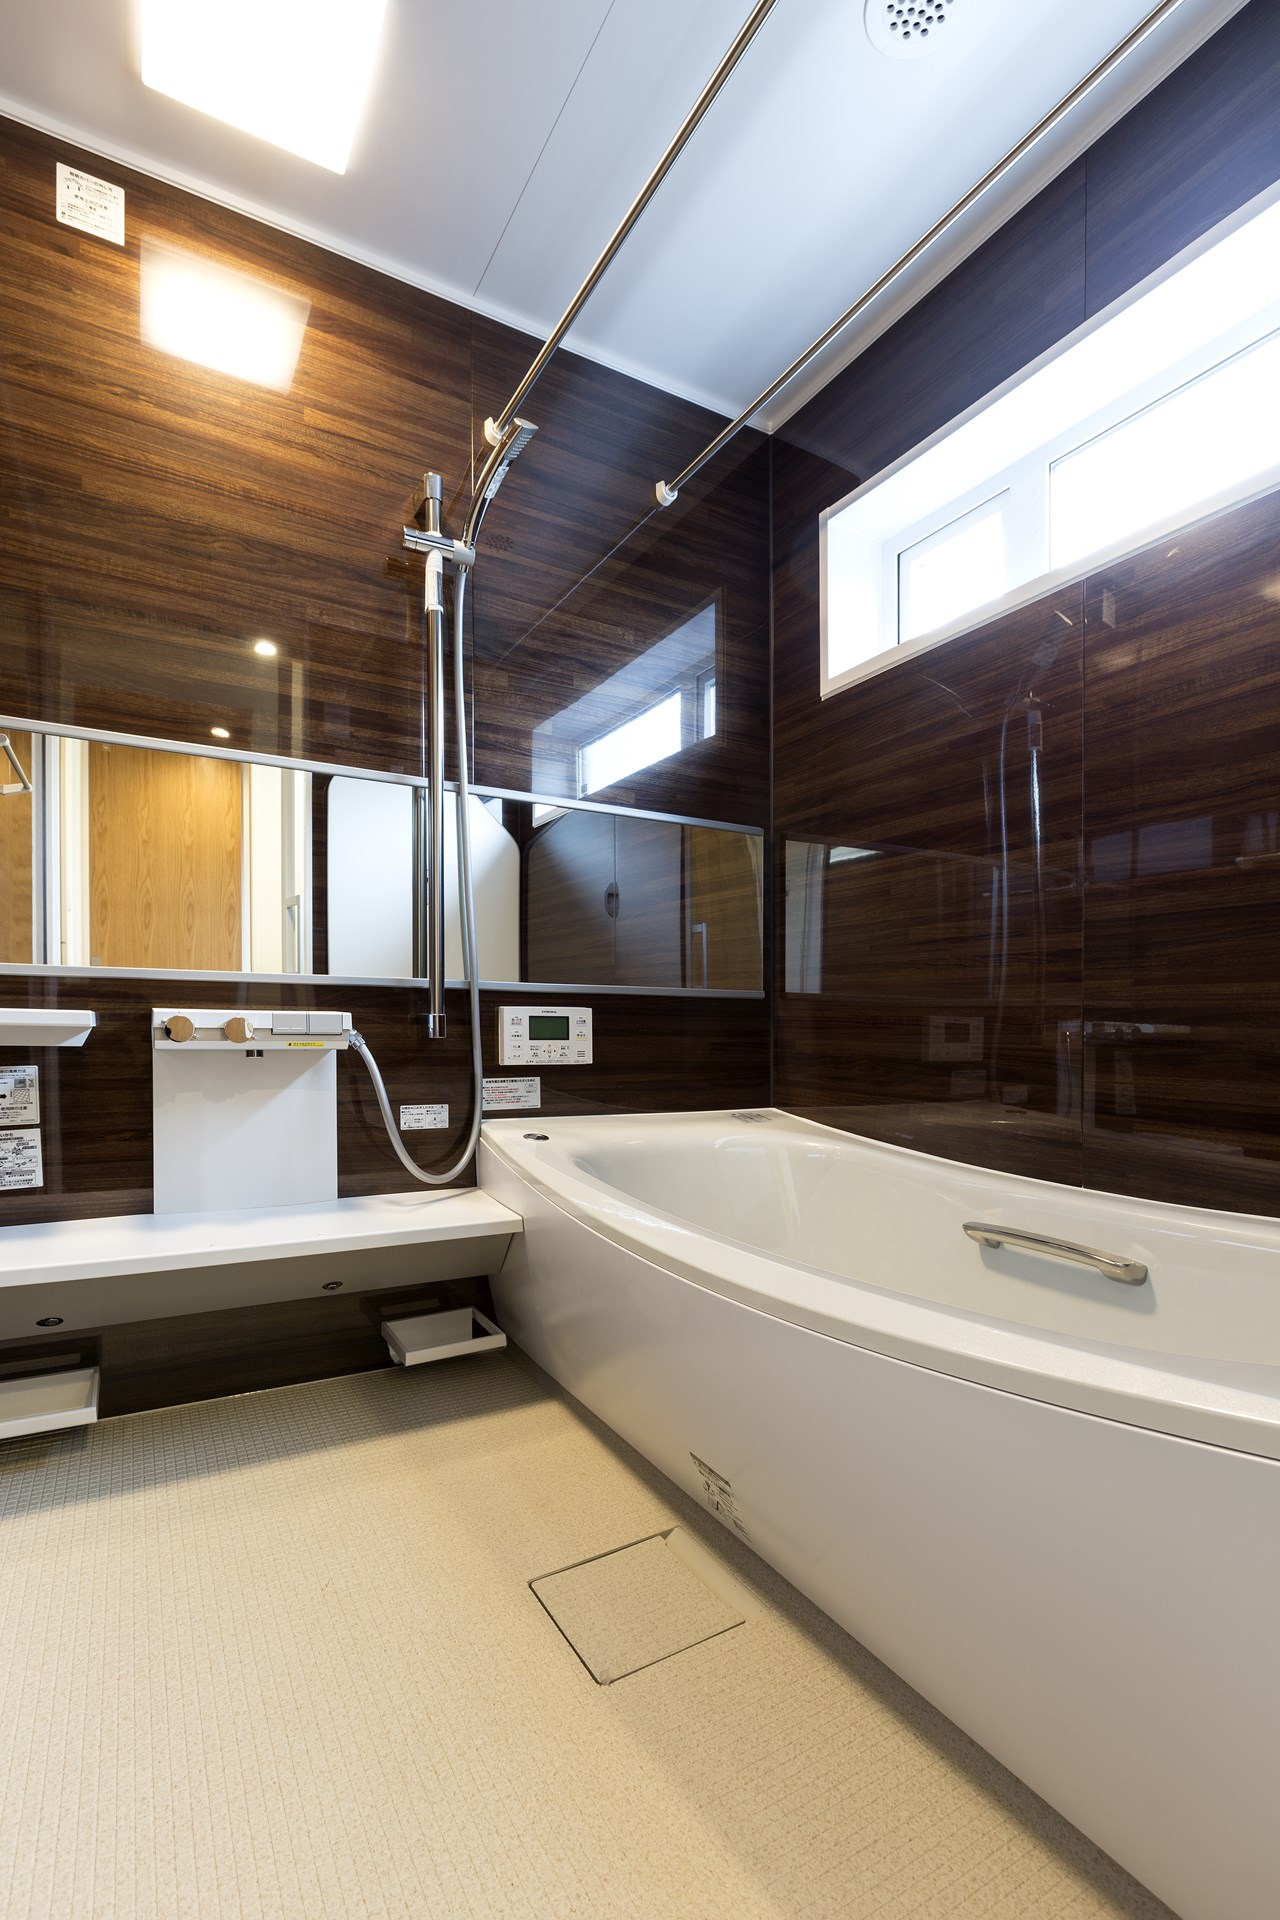 つくば市の桜の見える新築一戸建ての浴室